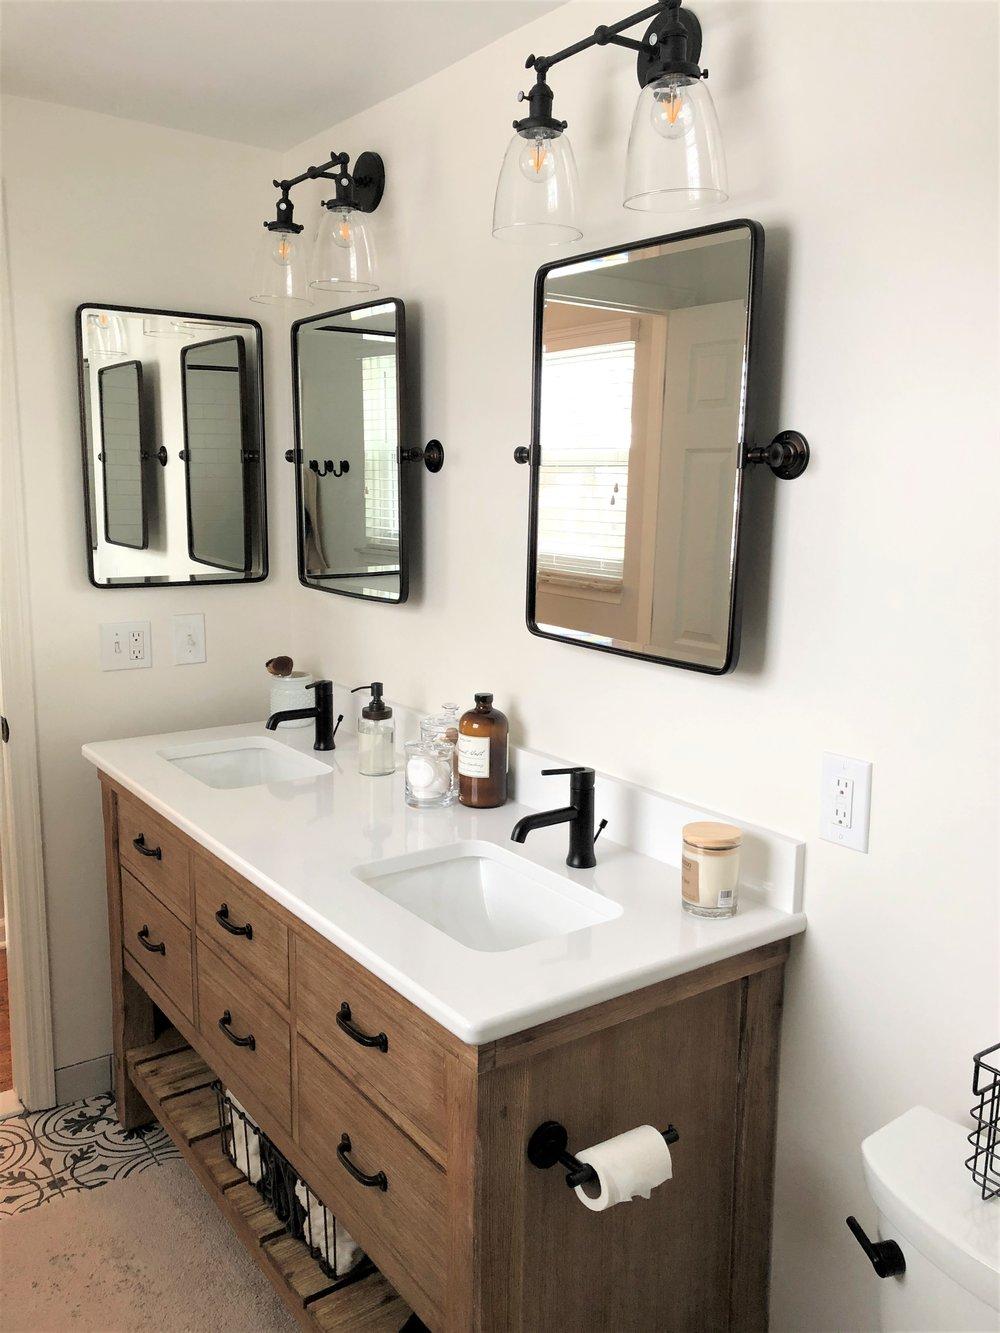 Plymouth Bathroom renovation- side angle.JPG